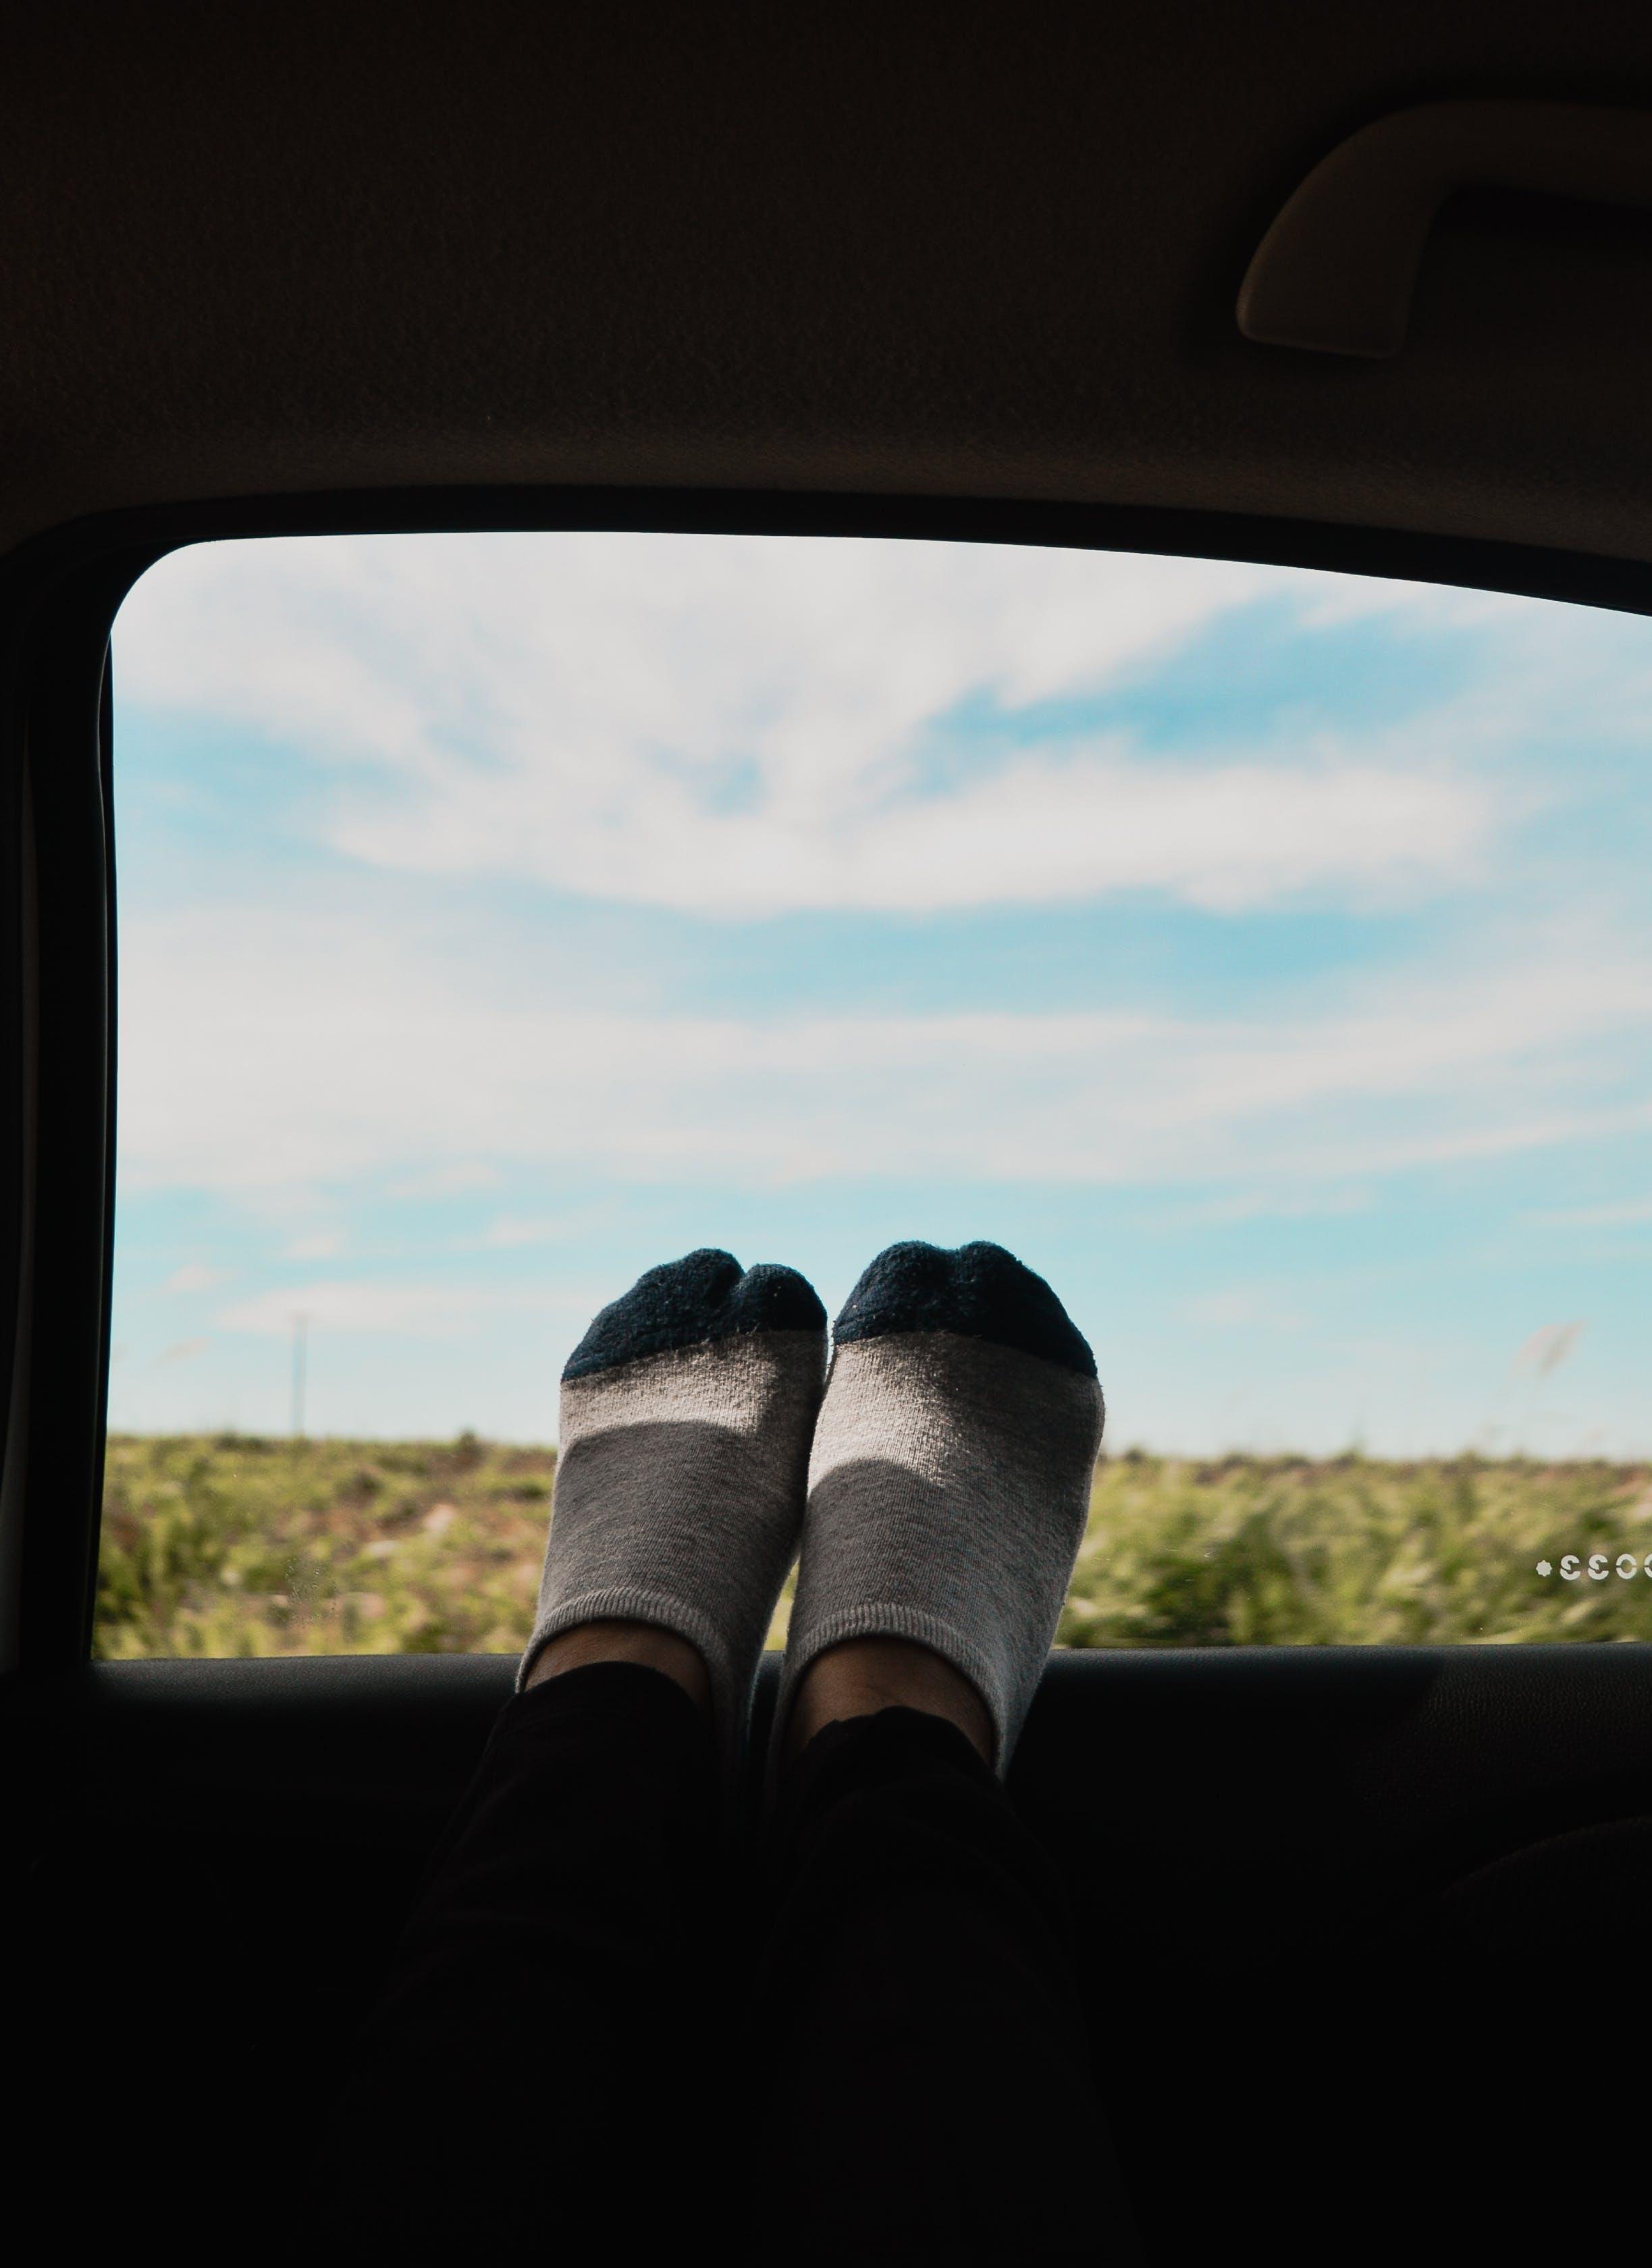 Feet On Car Window